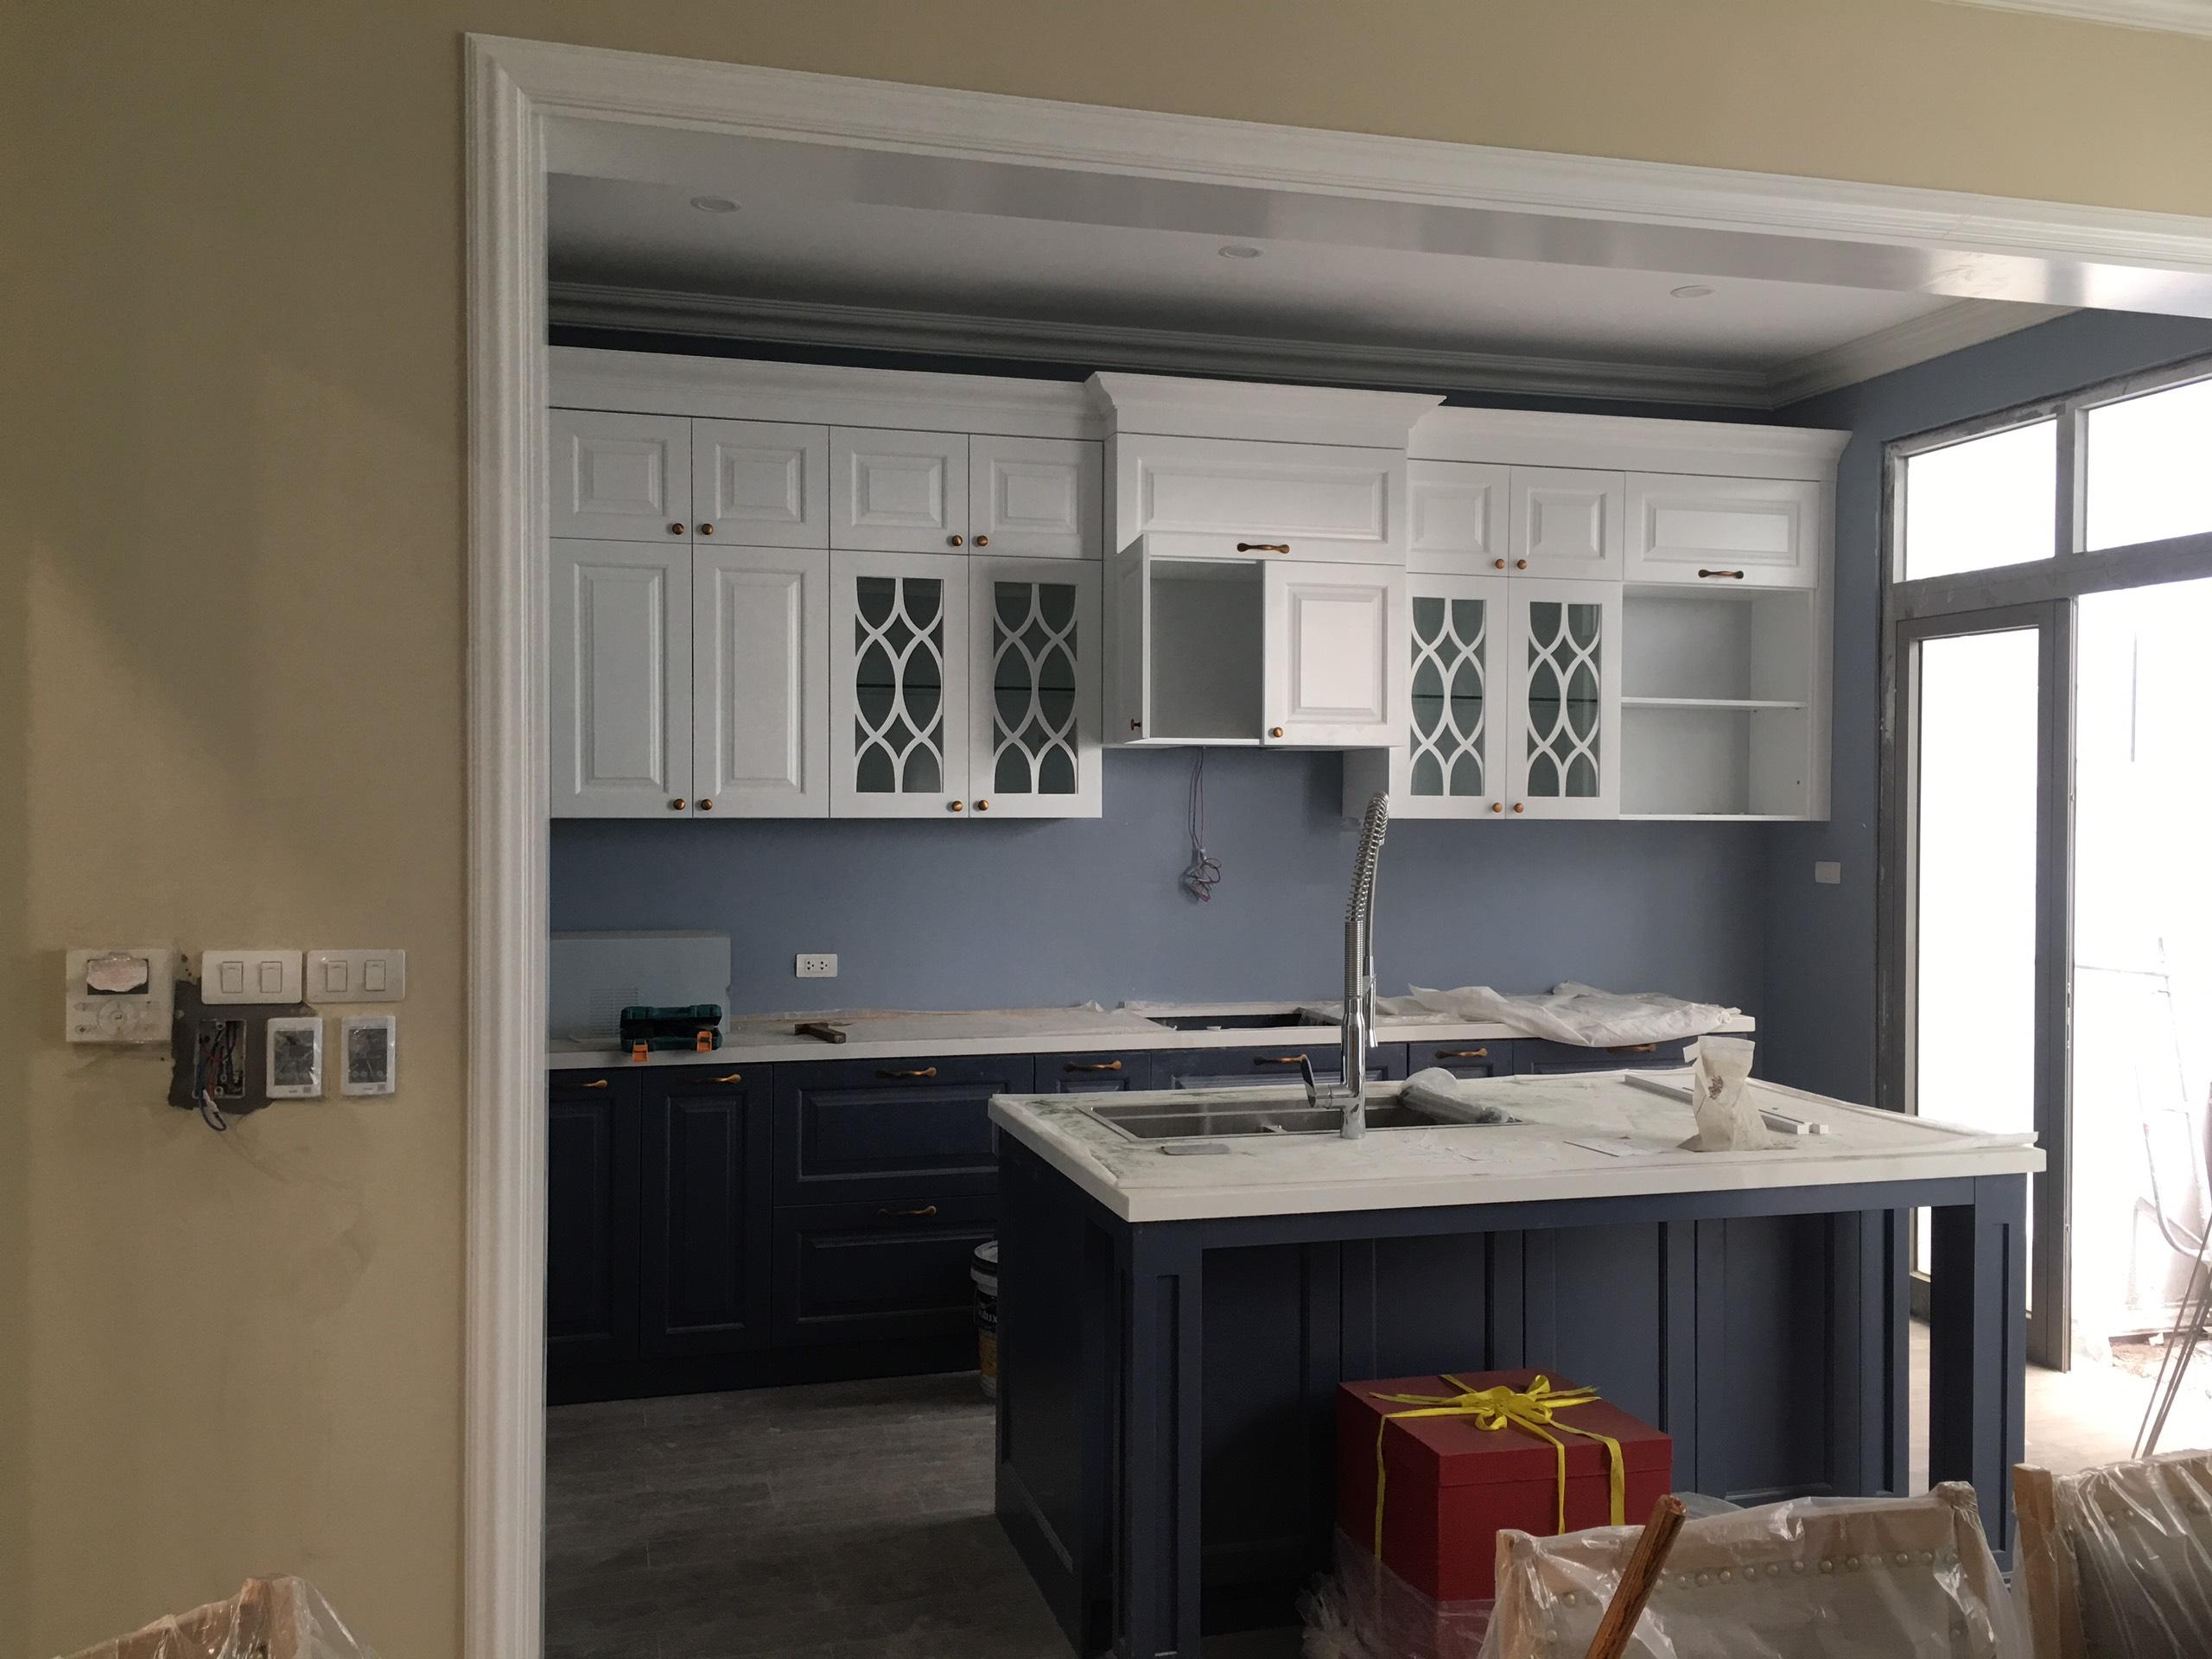 Nội thất phòng bếp với tông màu trắng mang hơi hướng châu Âu